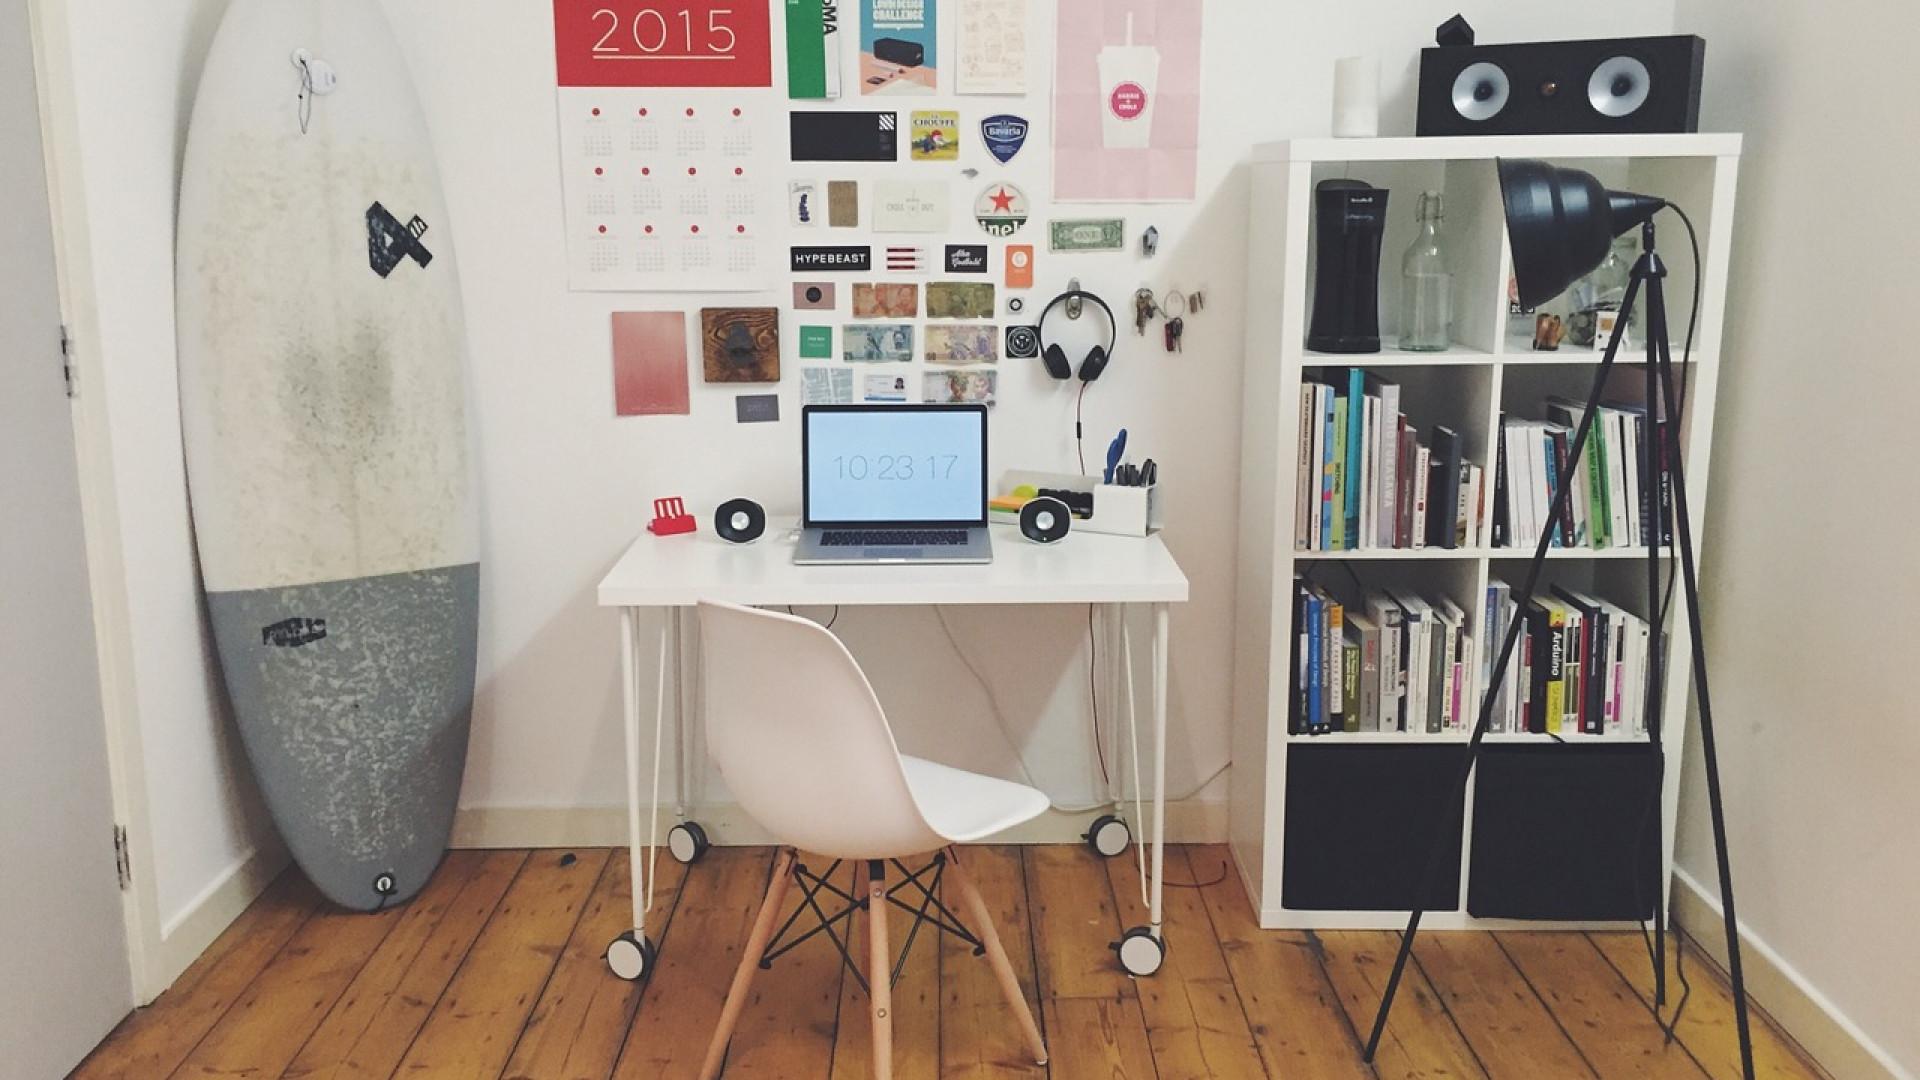 Meubler Son Studio Étudiant comment bien meubler son studio étudiant ?